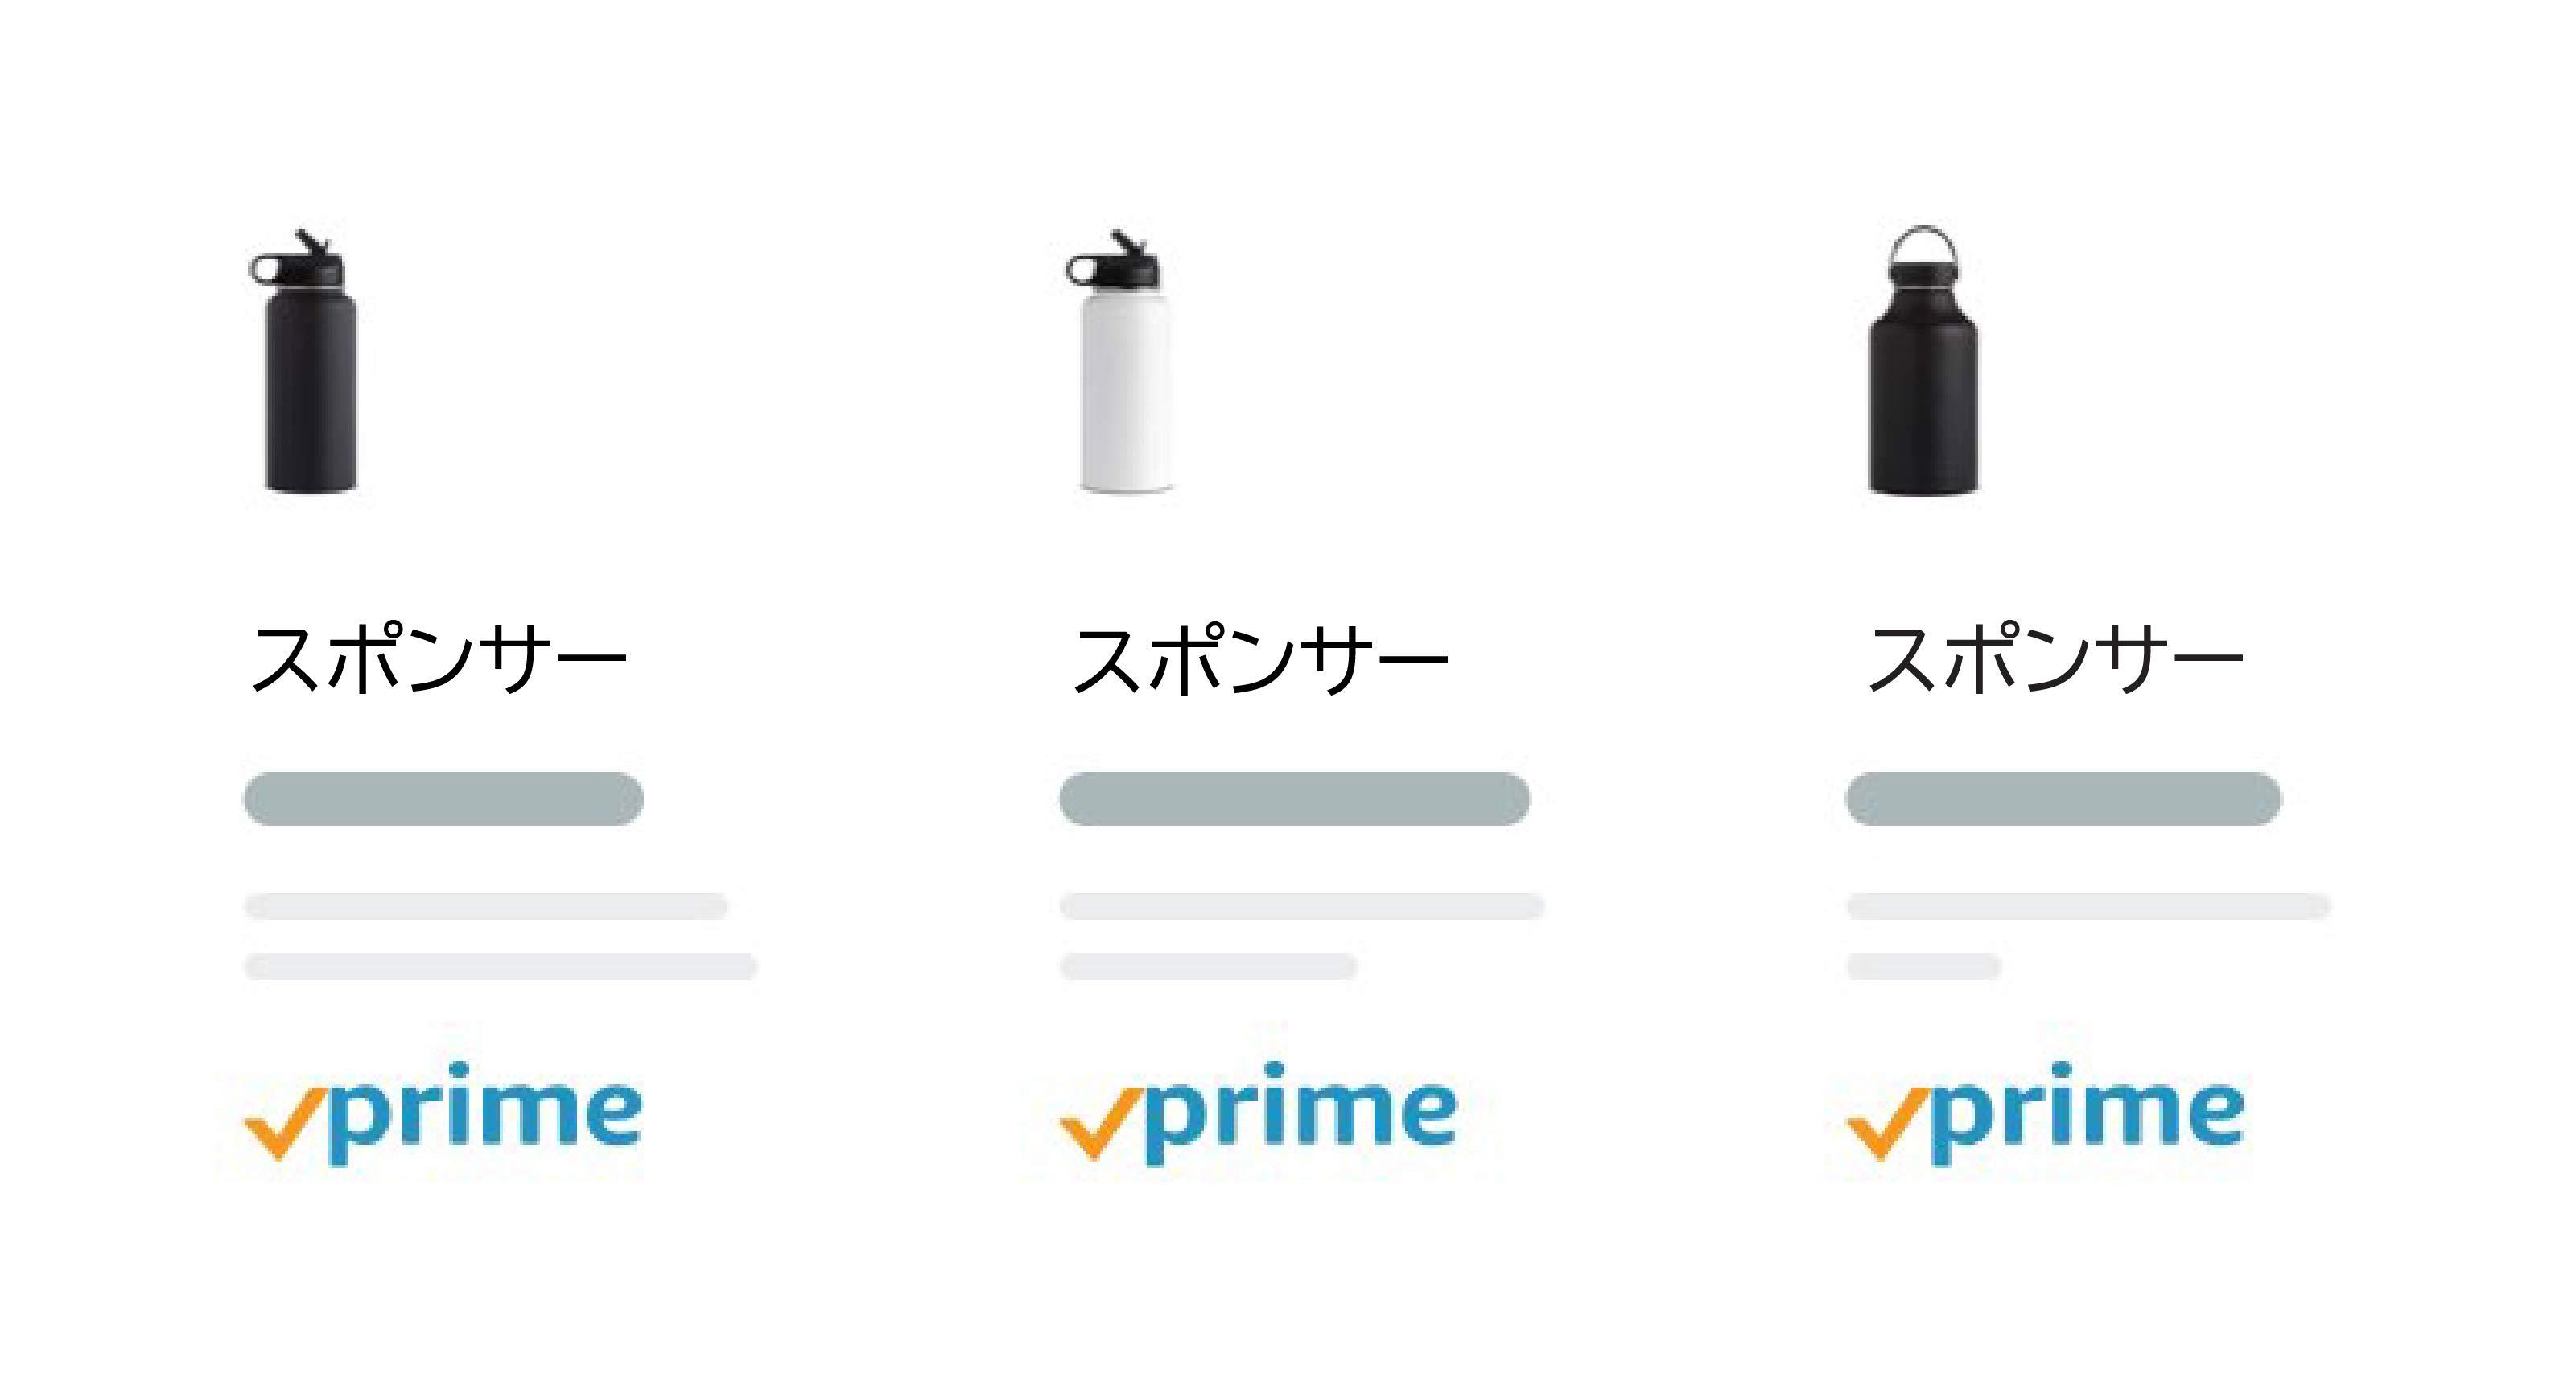 亚马逊 Prime 可配送水壶中 3 款推广商品的清单